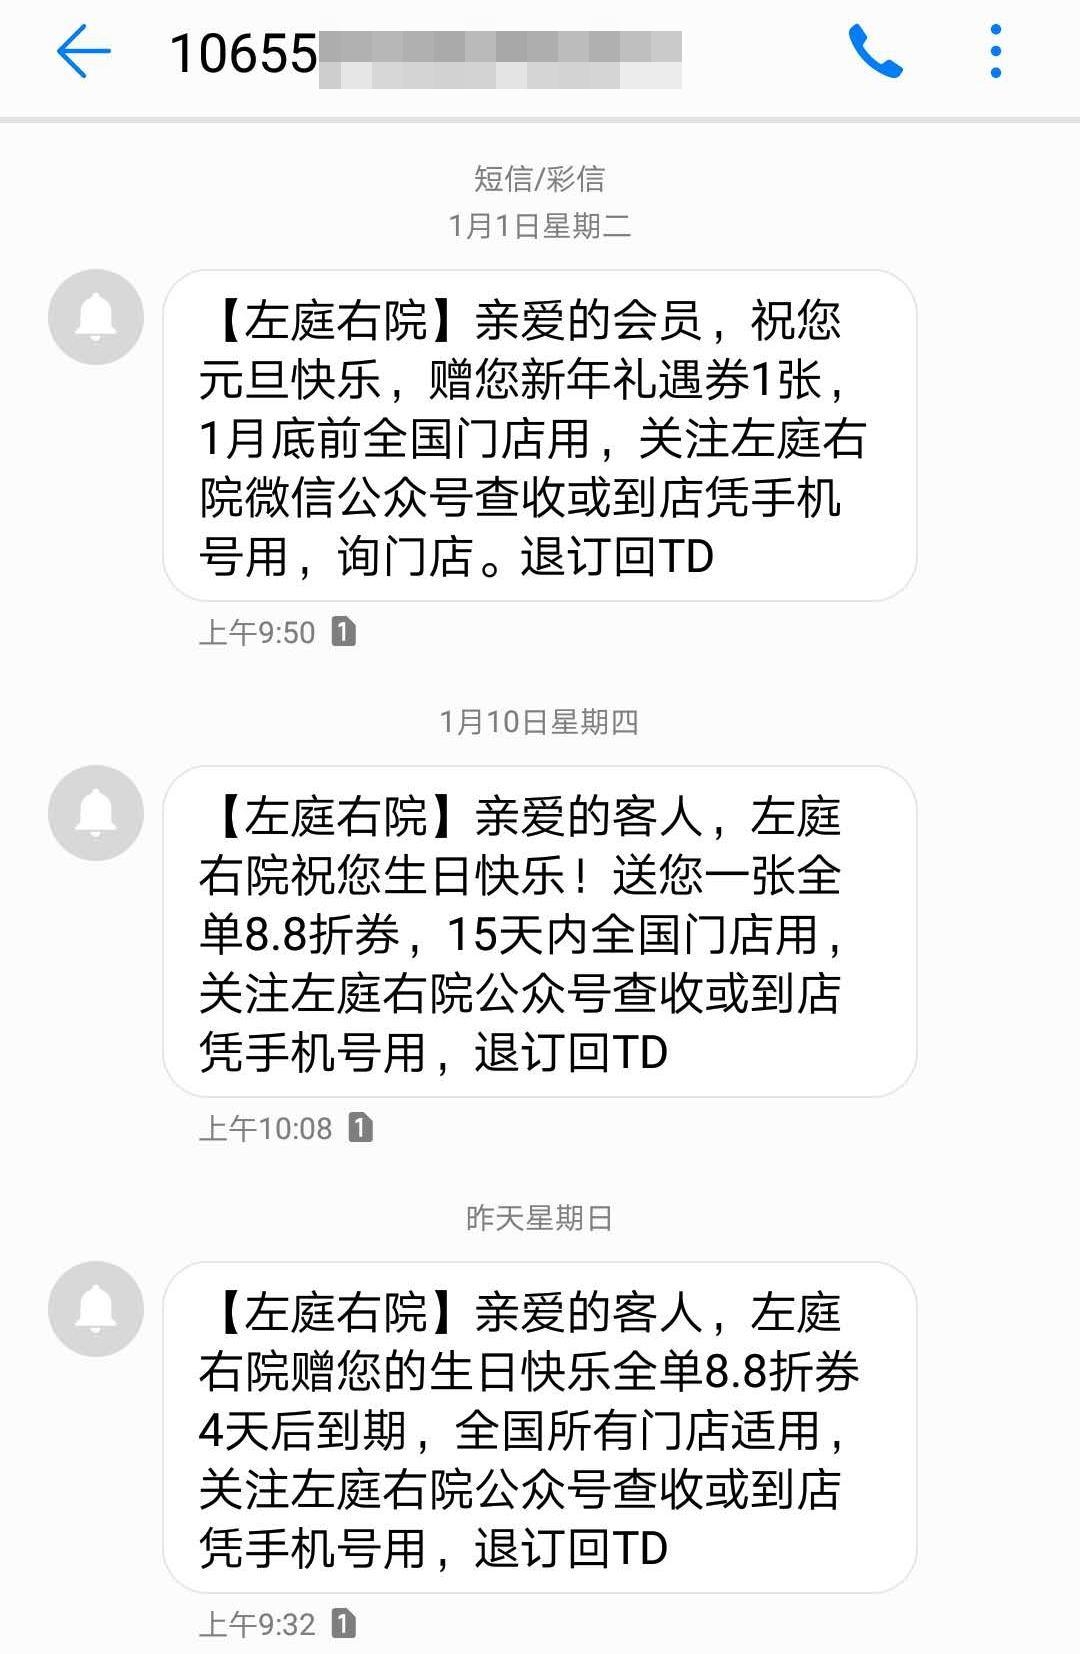 实体行业短信群发案例